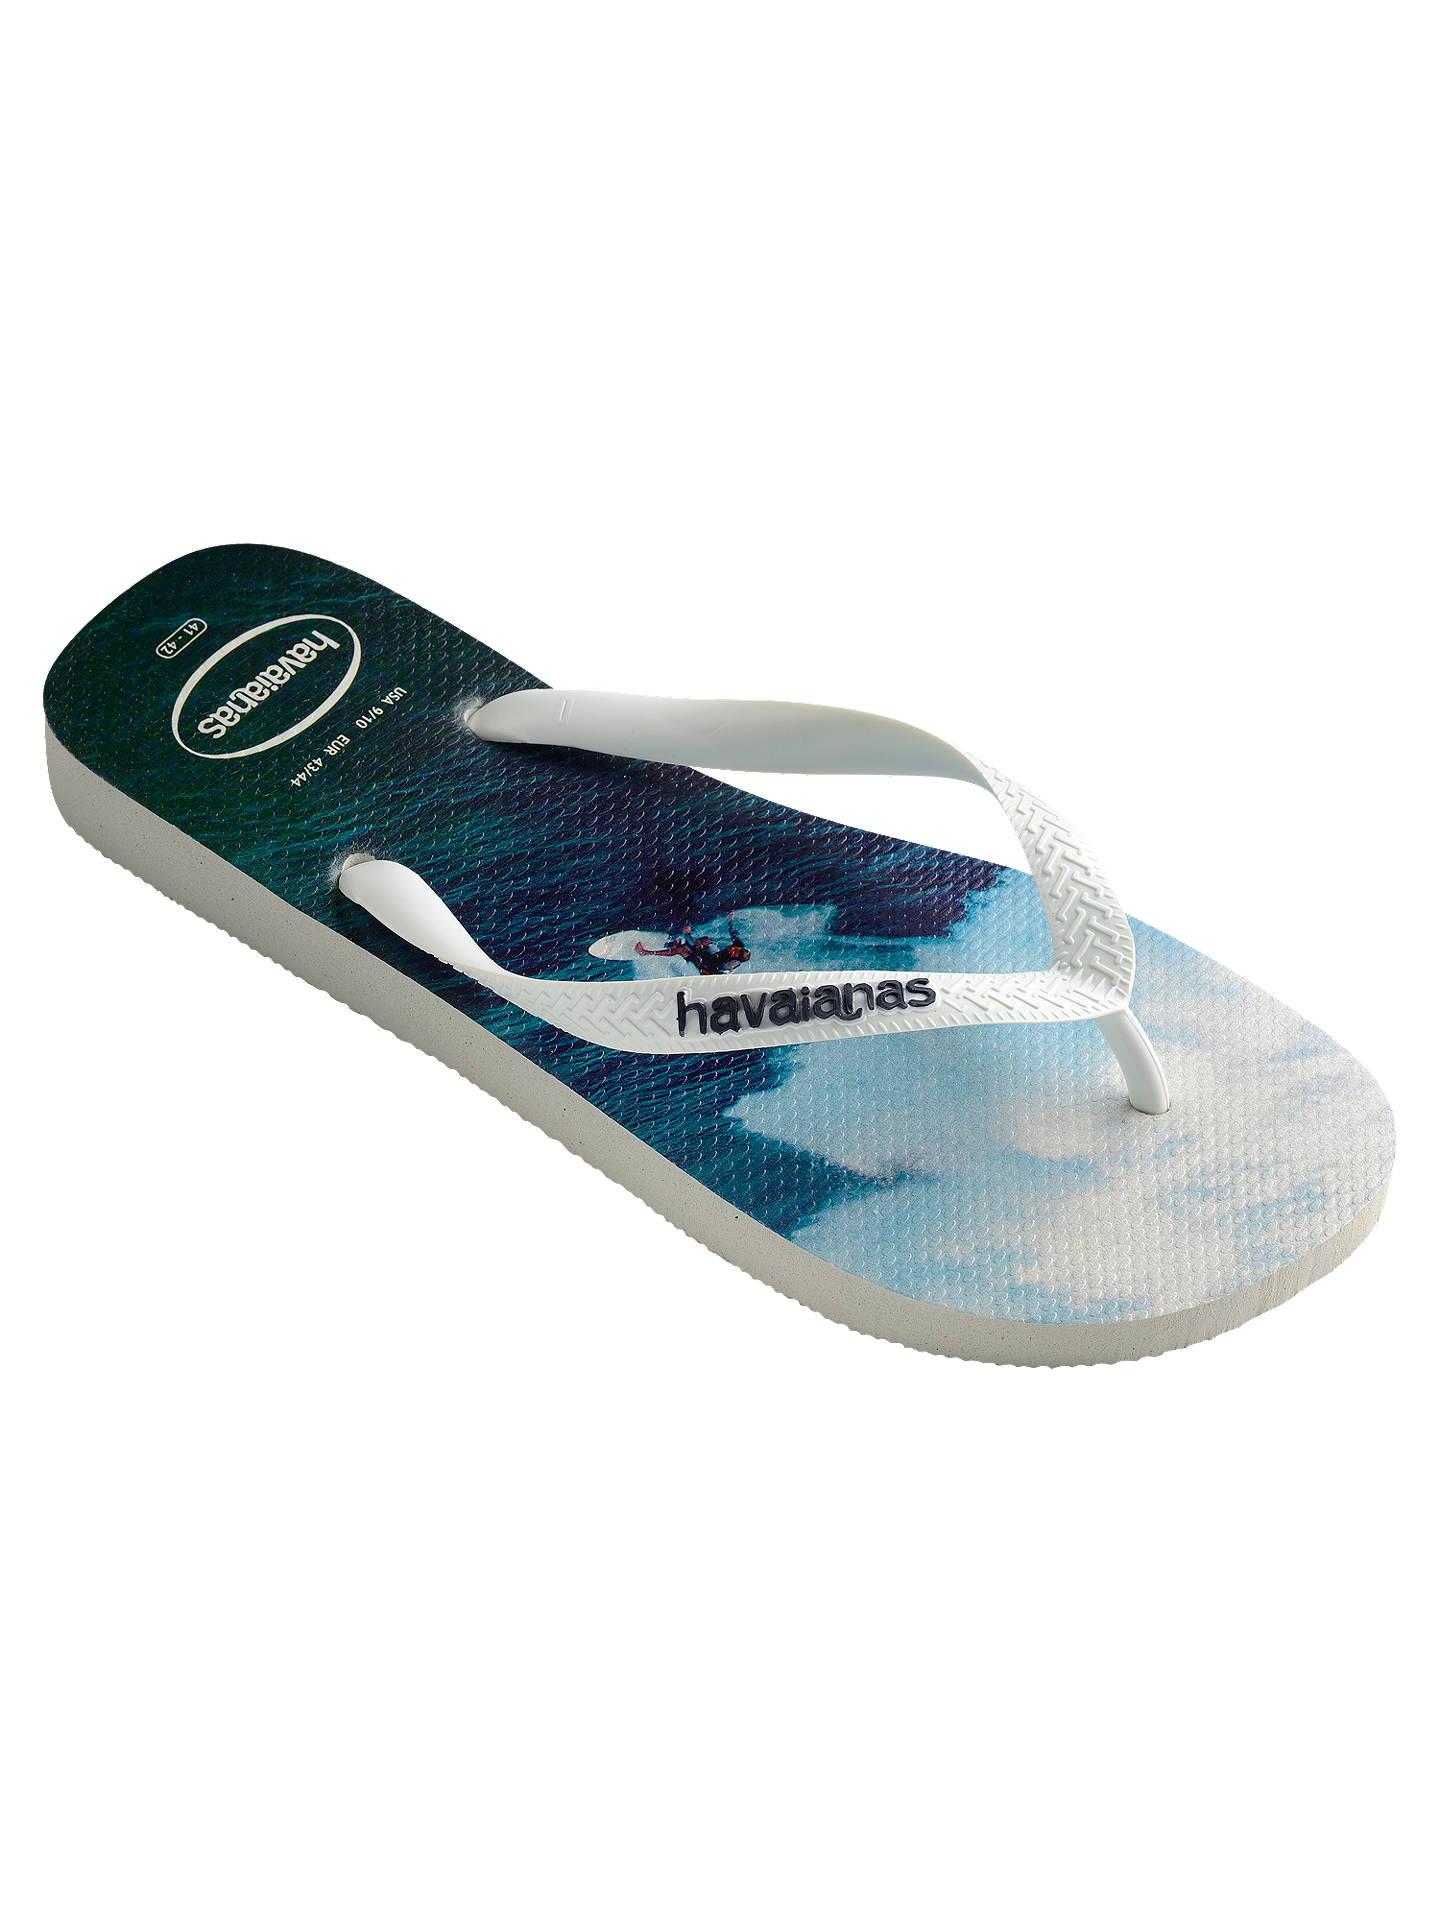 35c41aef28ae Buy Havaianas Surfer Print Flip Flops